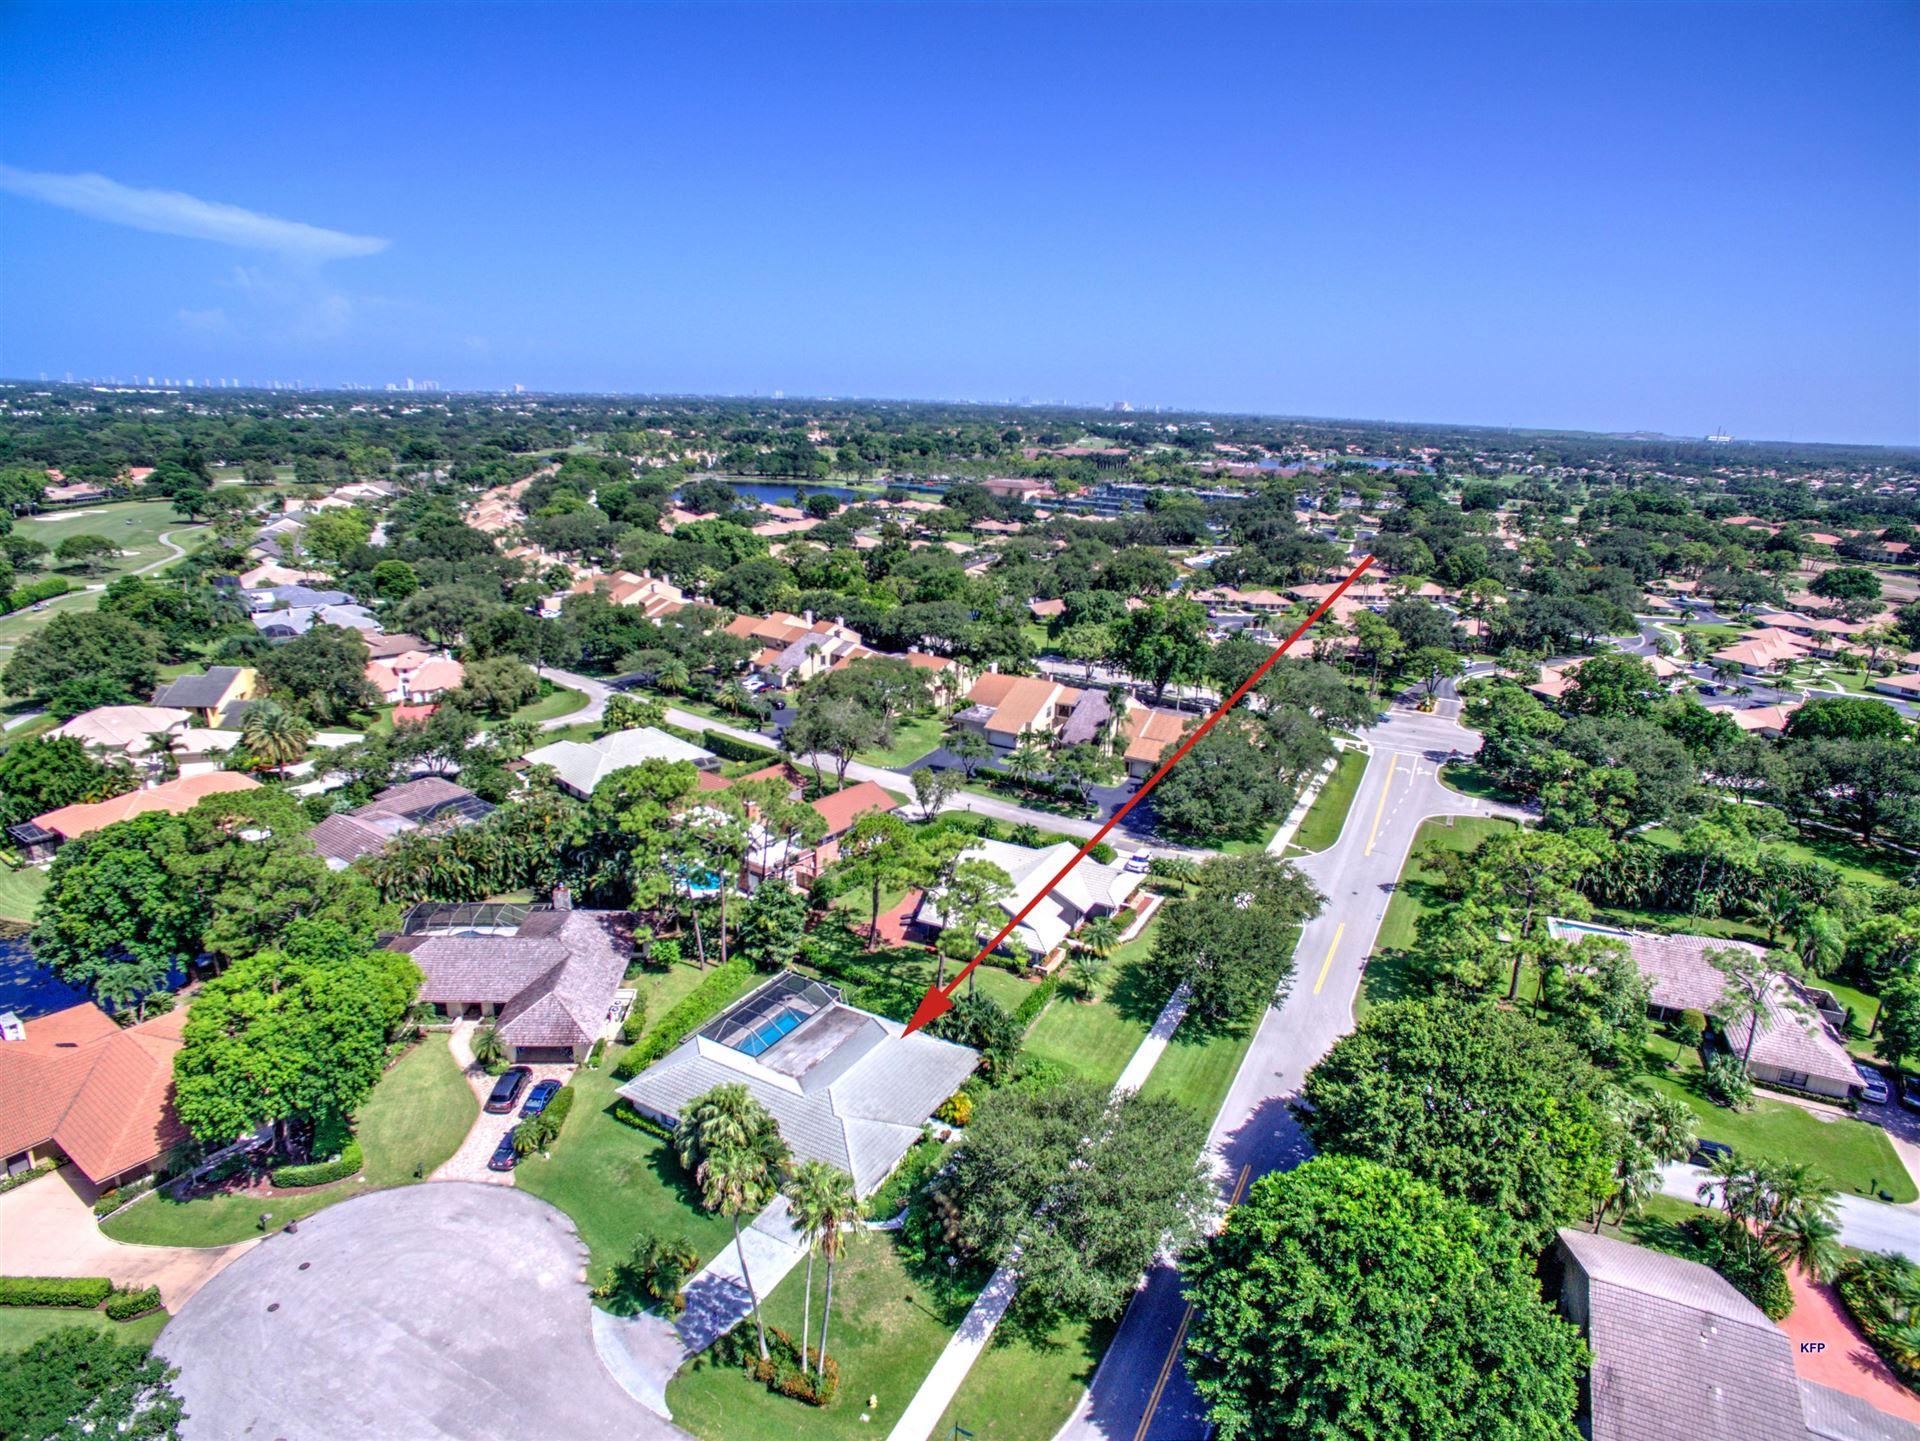 Photo of 1 Ceann Court, Palm Beach Gardens, FL 33418 (MLS # RX-10655898)